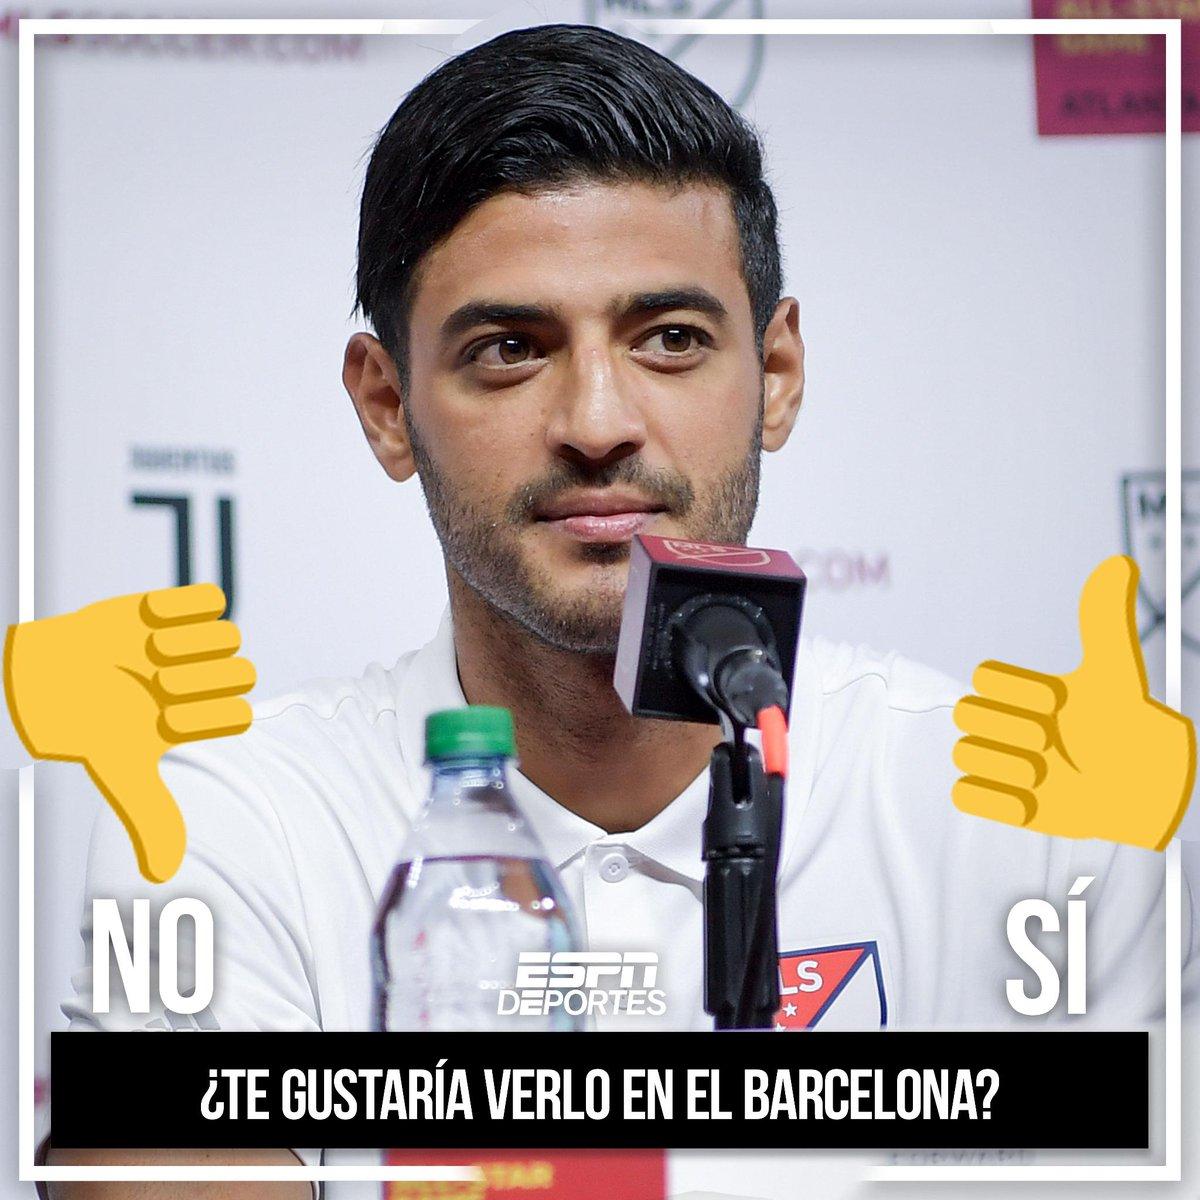 En Barcelona se dice que hay 👀en Carlos Vela 😲